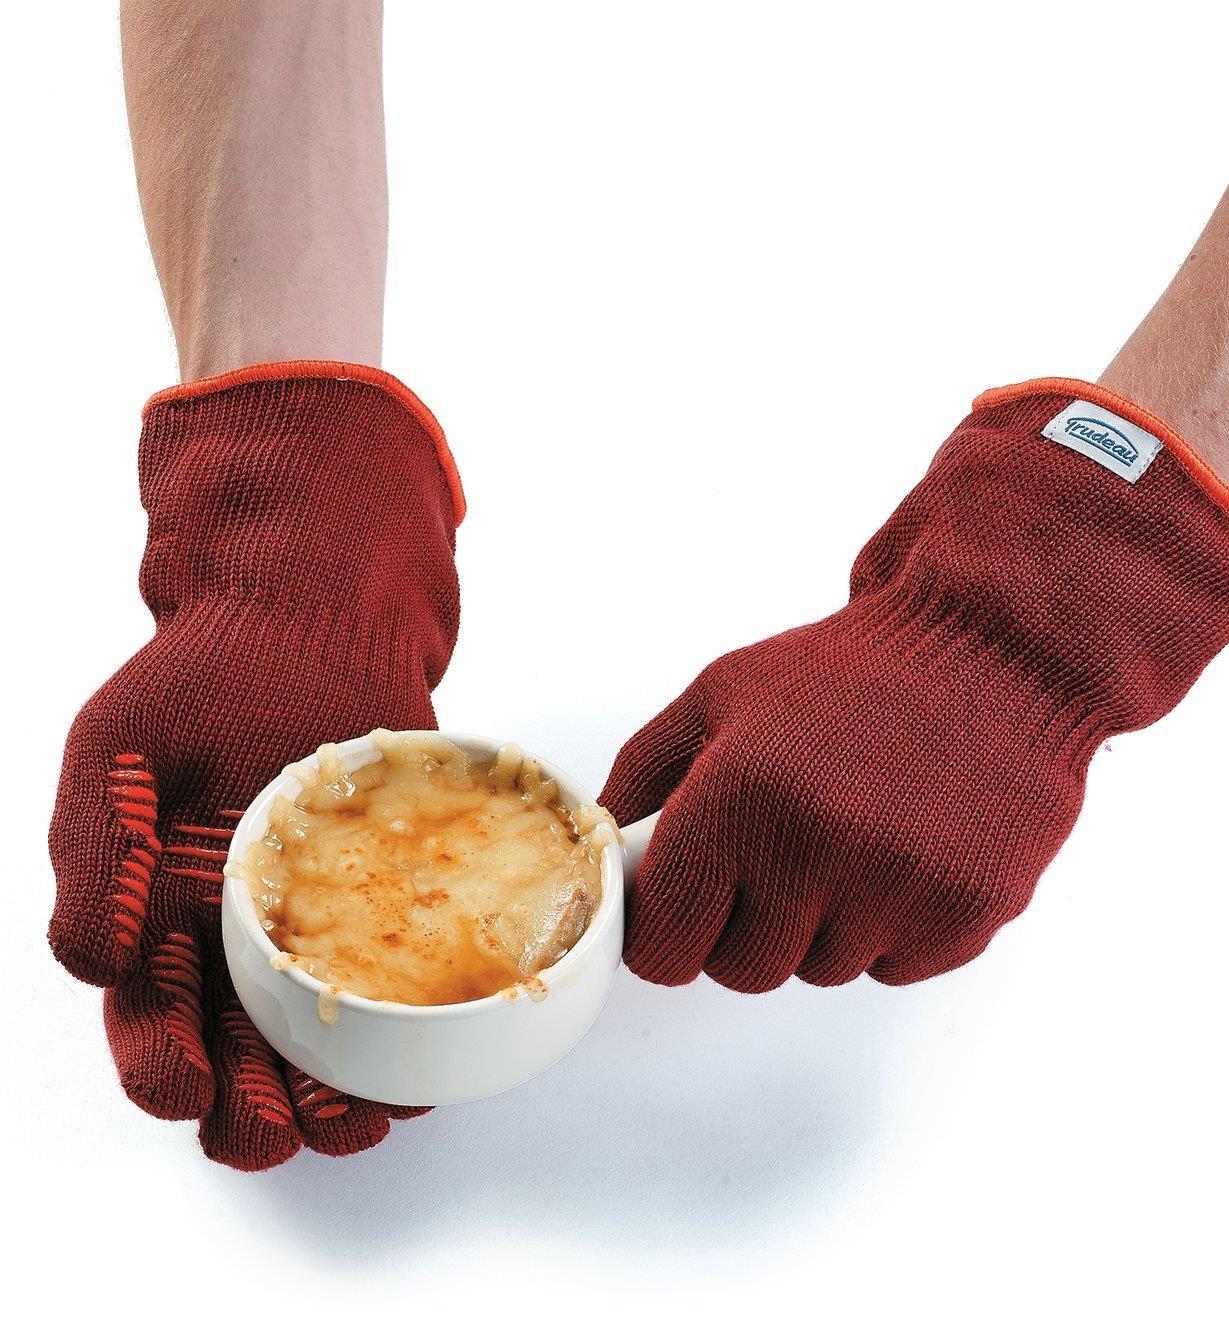 EV274 - Oven Gloves, Large (size 9 1/2+)